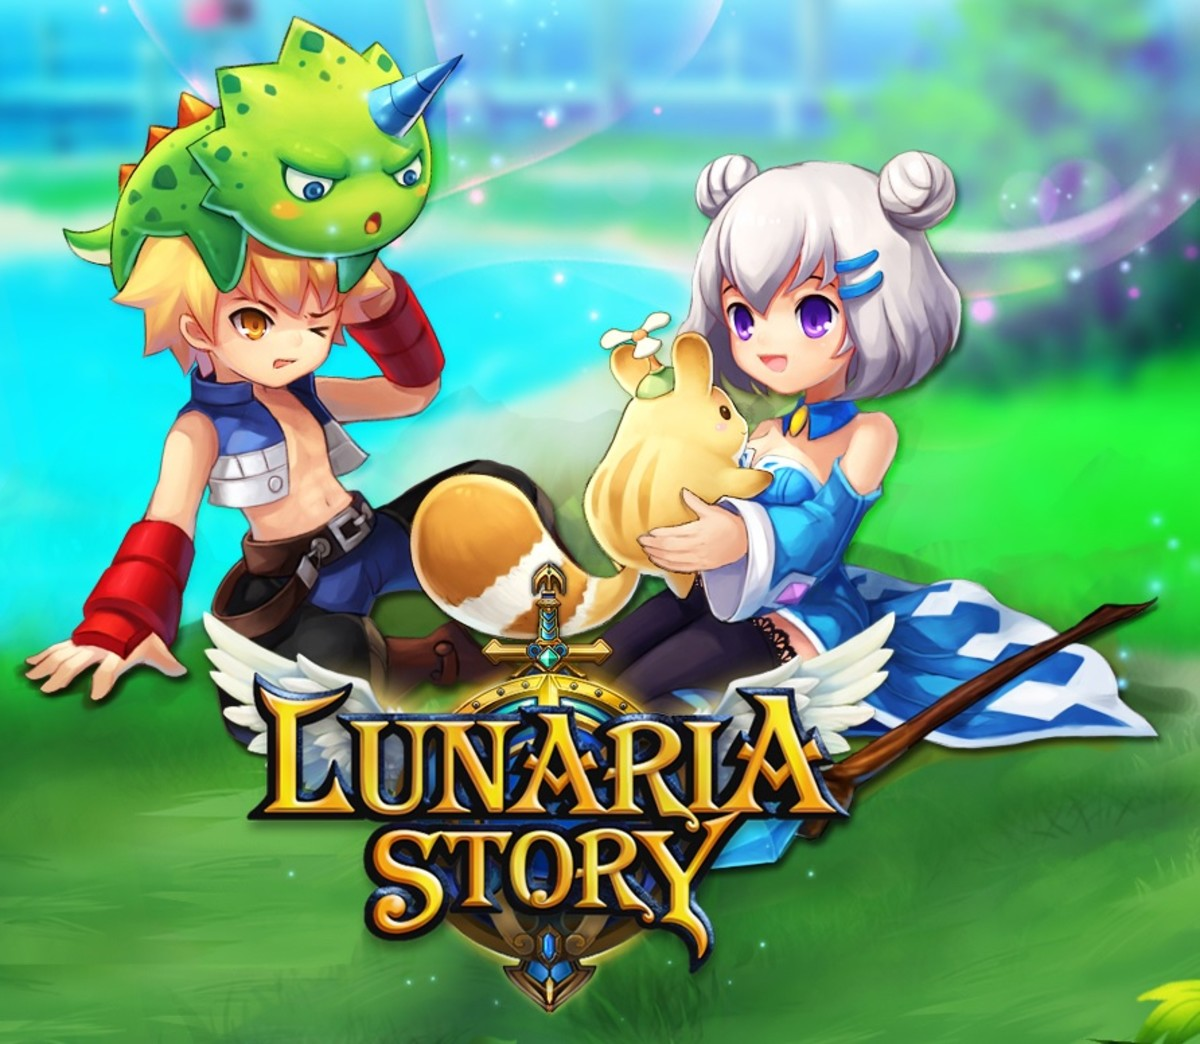 lunaria-story